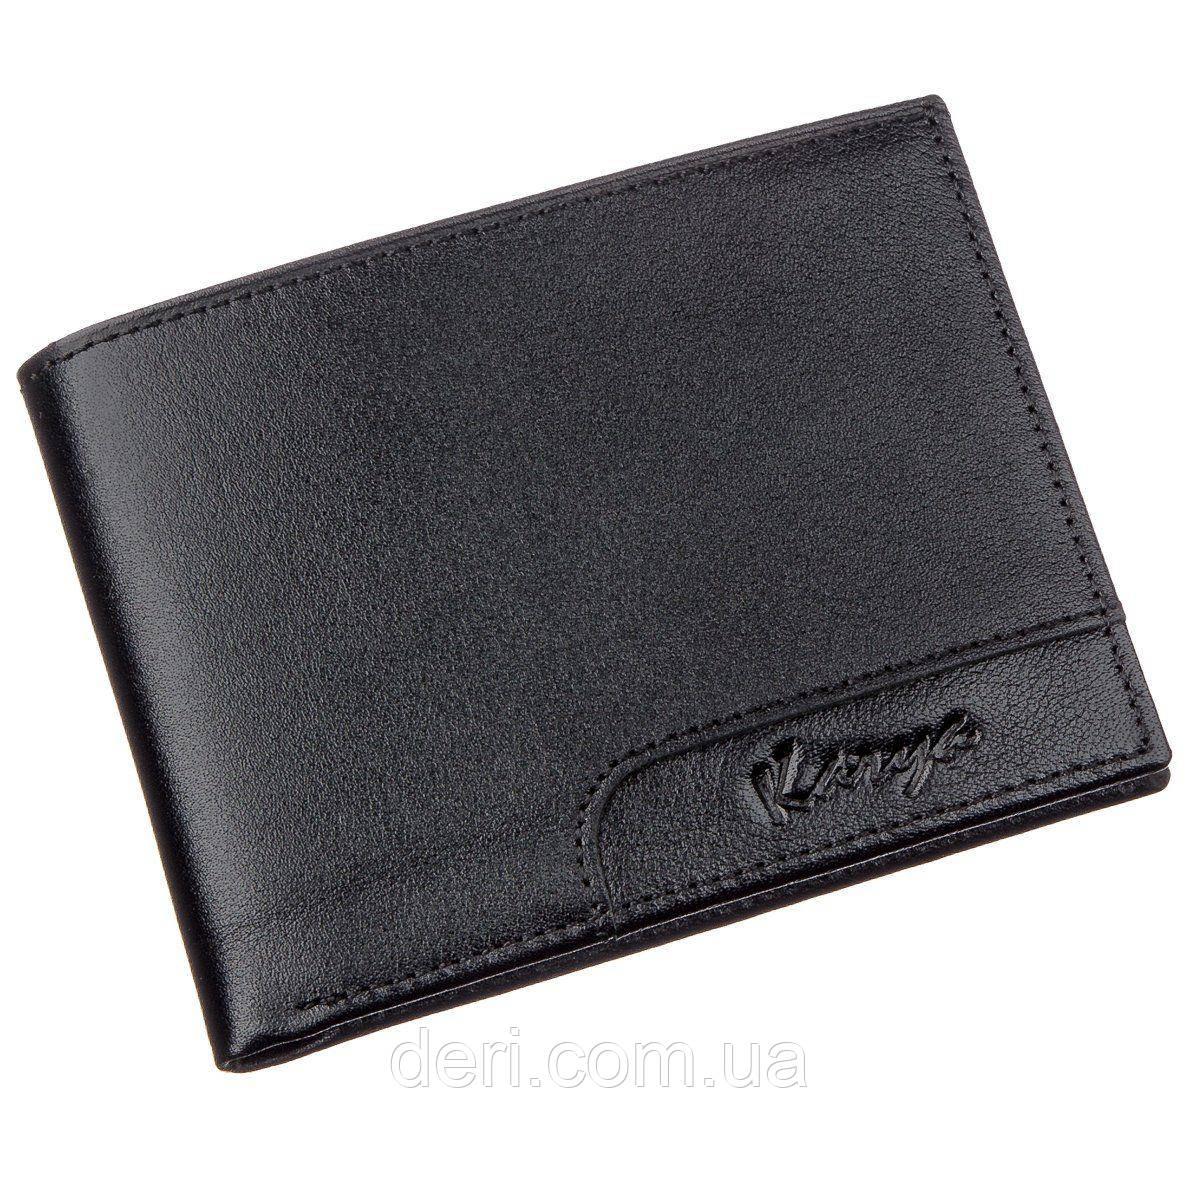 Тонкий мужской бумажник гладкая кожа KARYA 17380 Черный, Черный